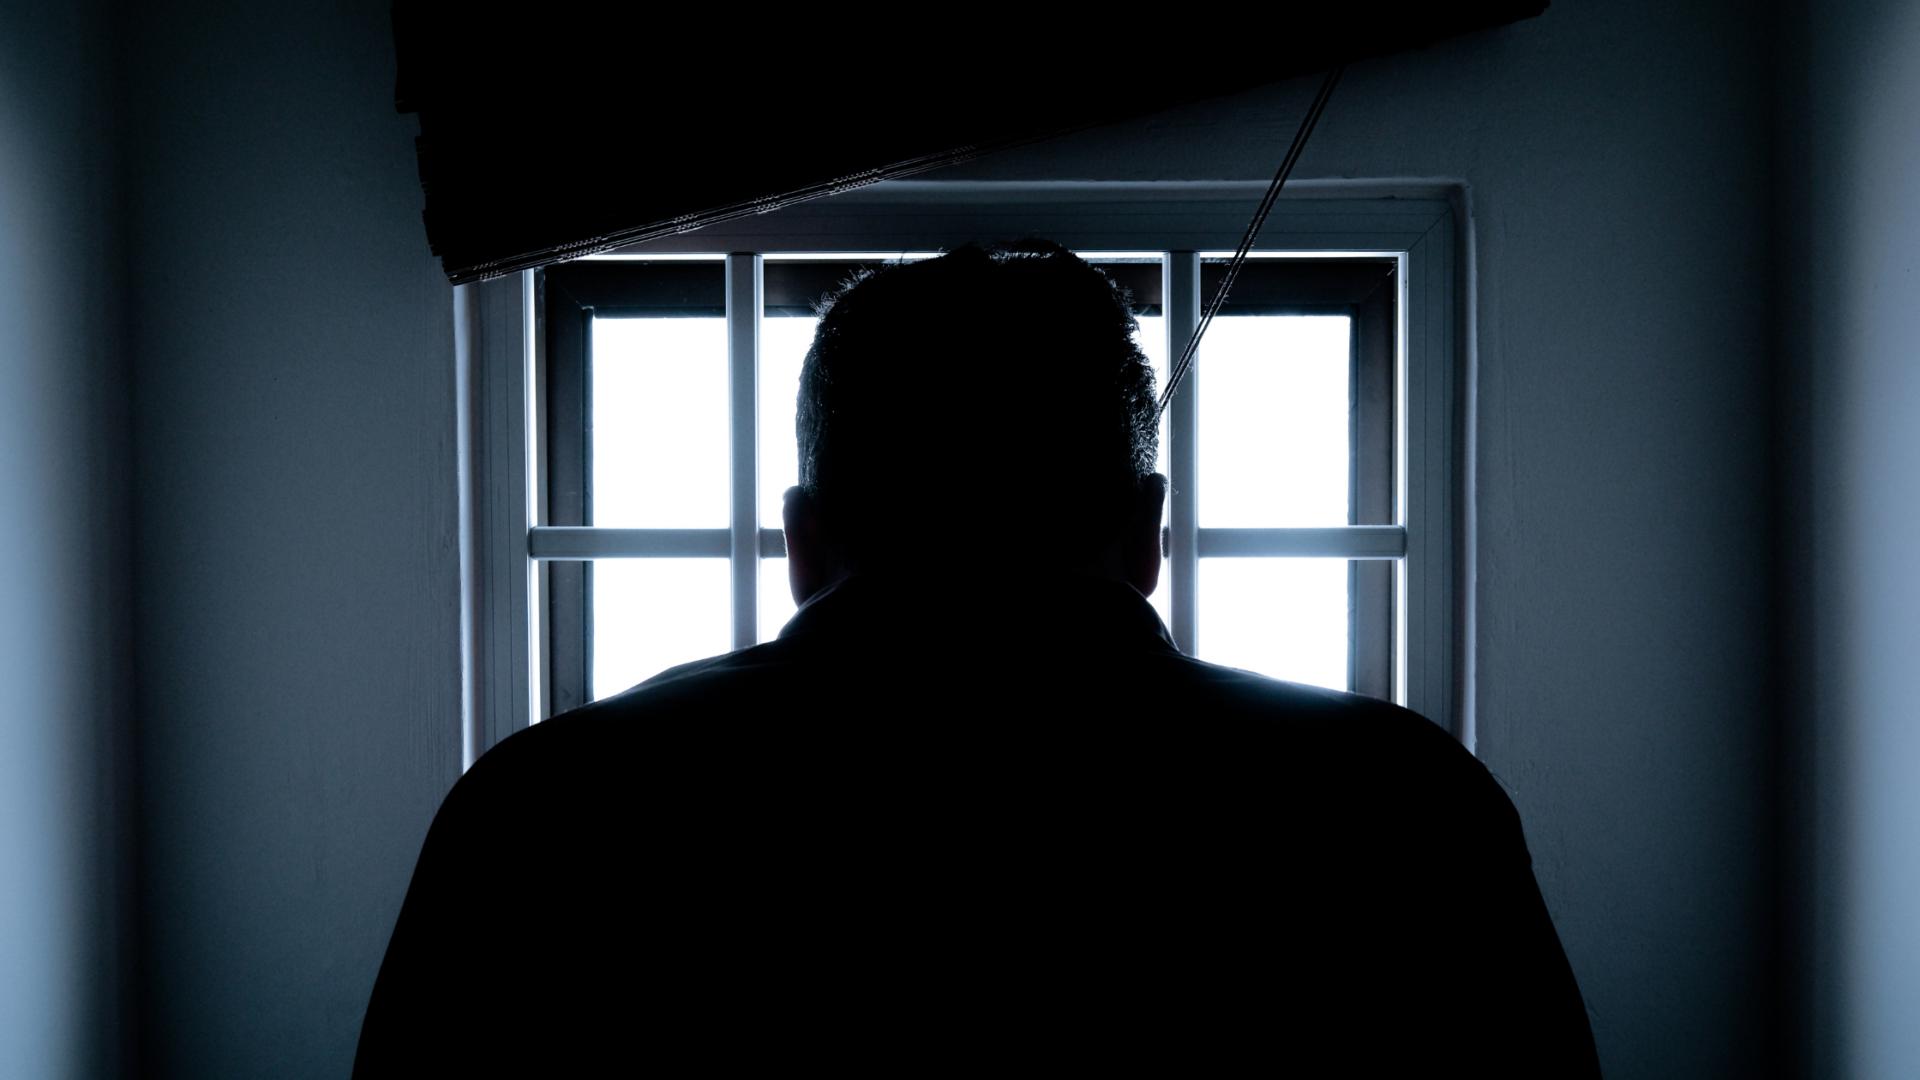 ¡Oye! Te hablo desde la prisión : Una mirada a derechos fundamentales de los reclusos y su reflejo en la salsa